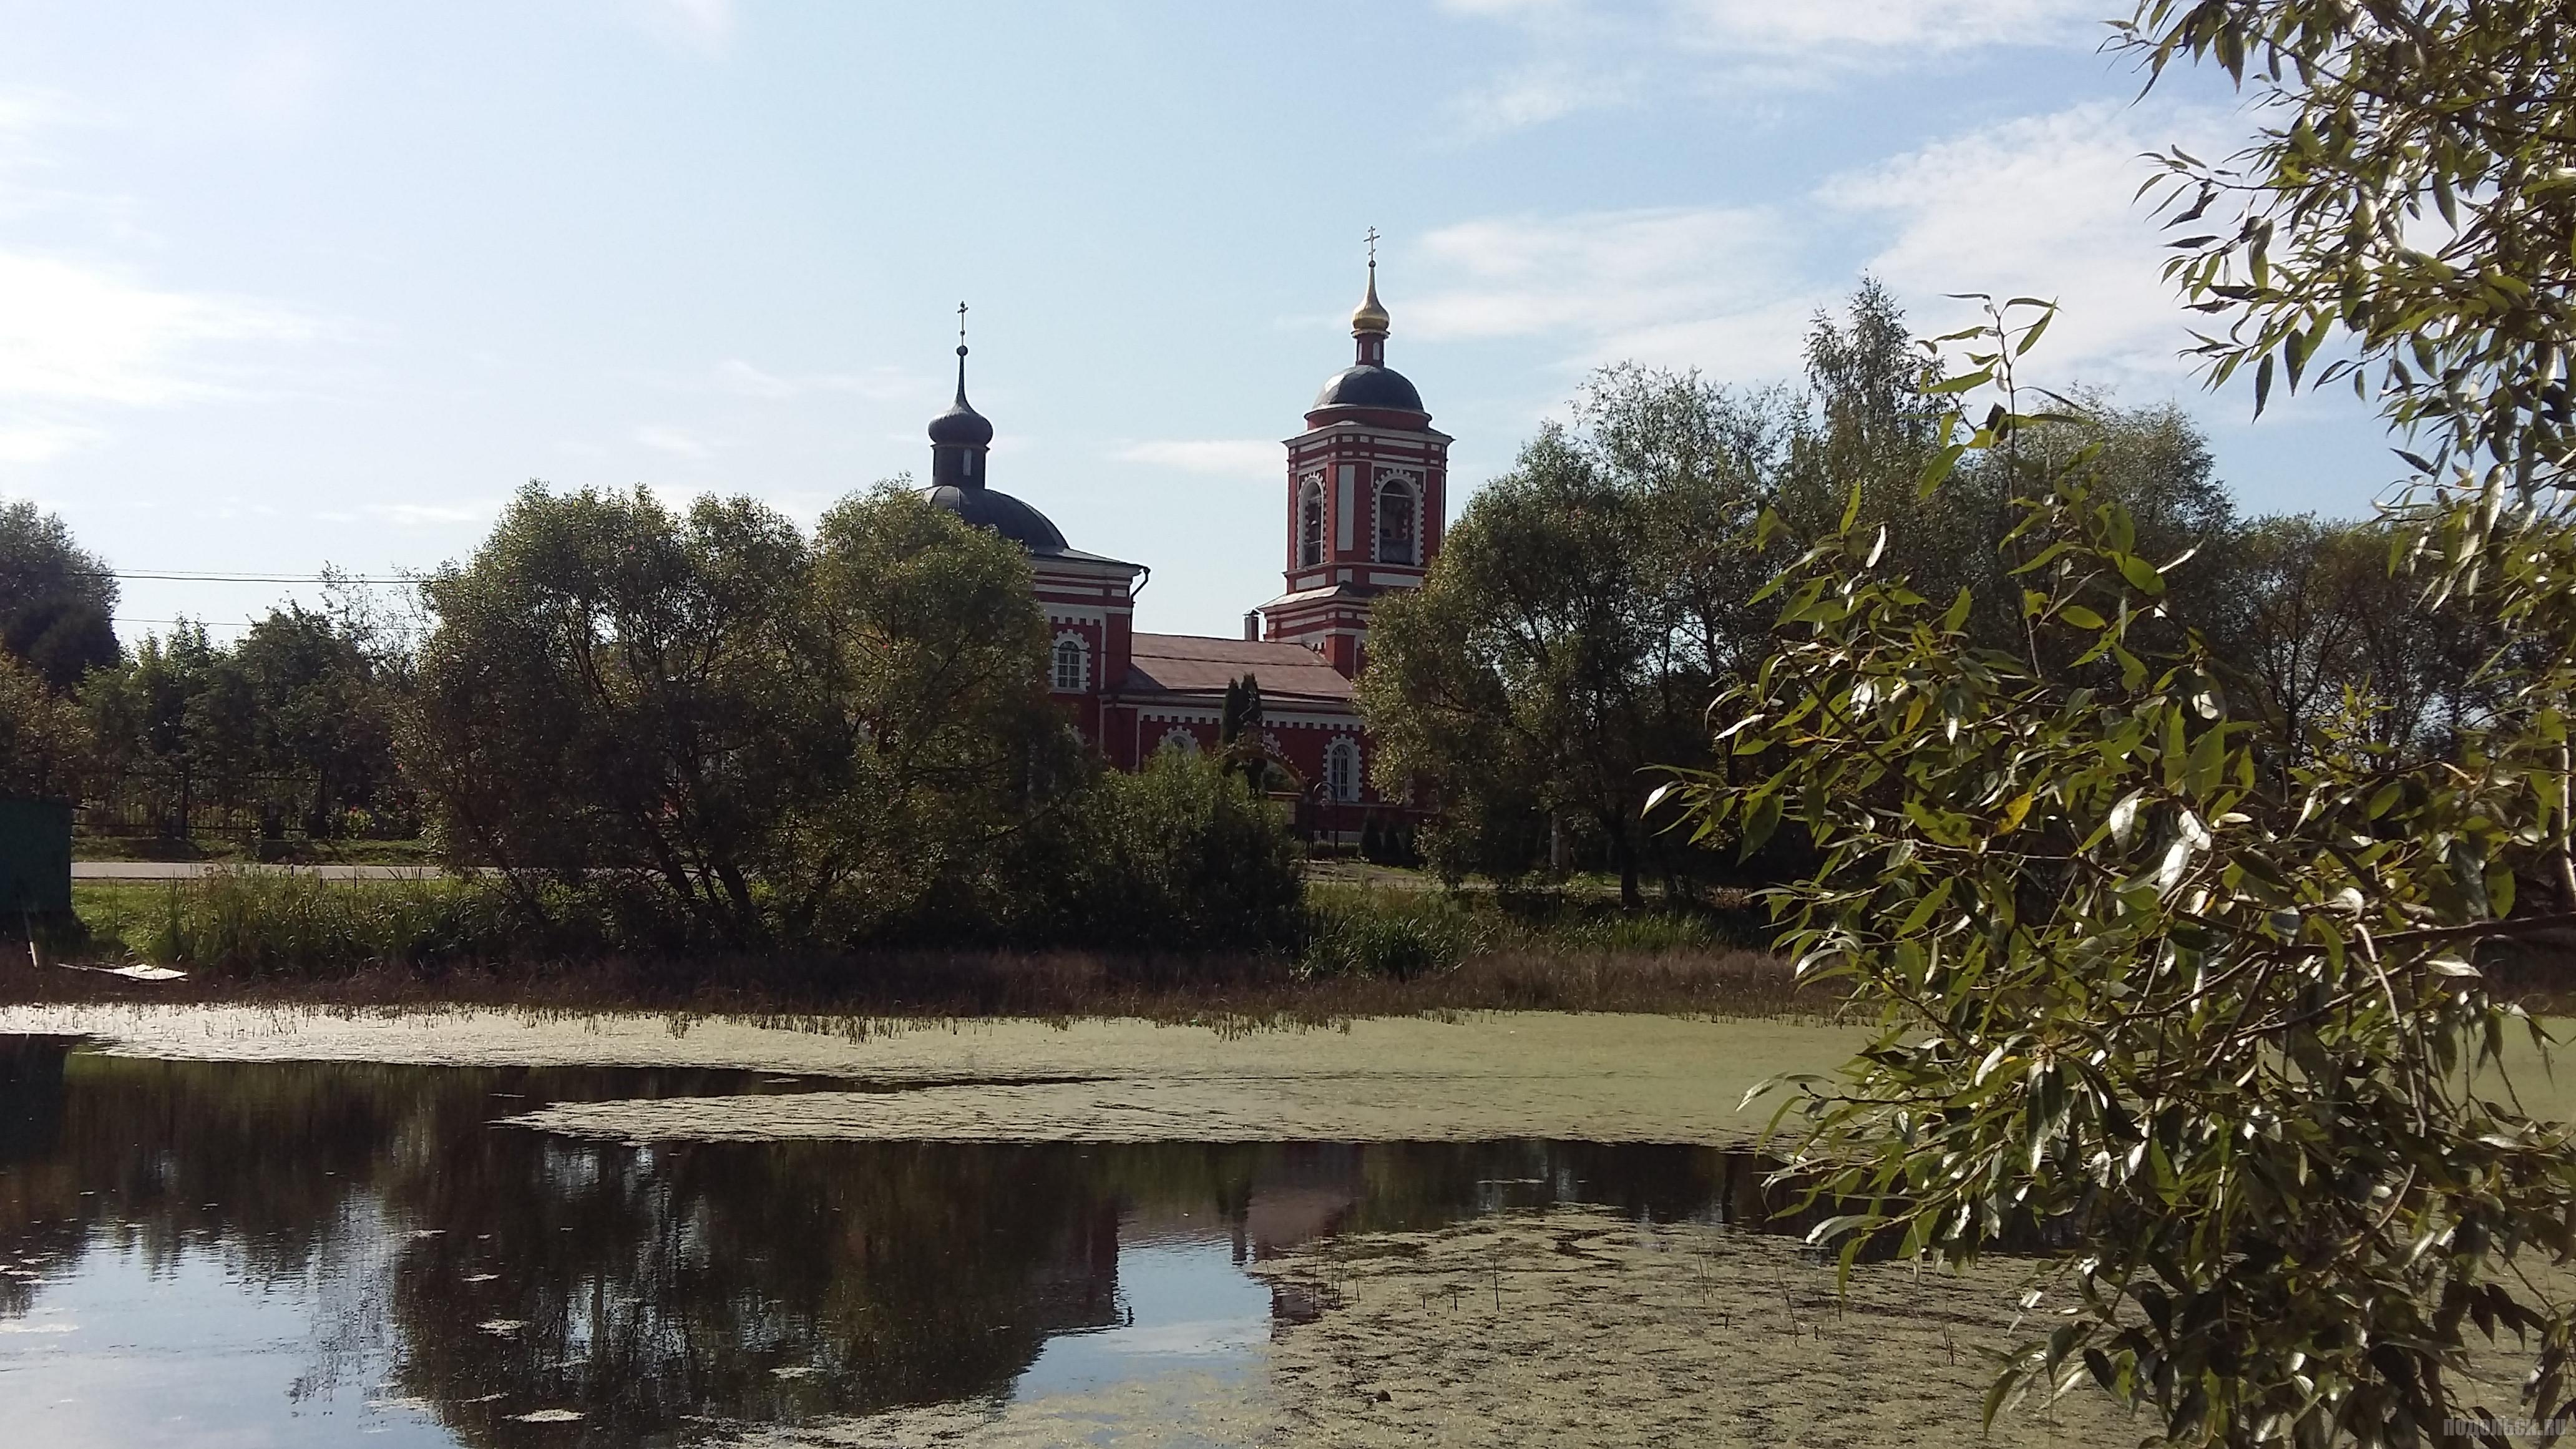 Храм Воскресения Словущего. Село Сертякино. Сентябрь 2018